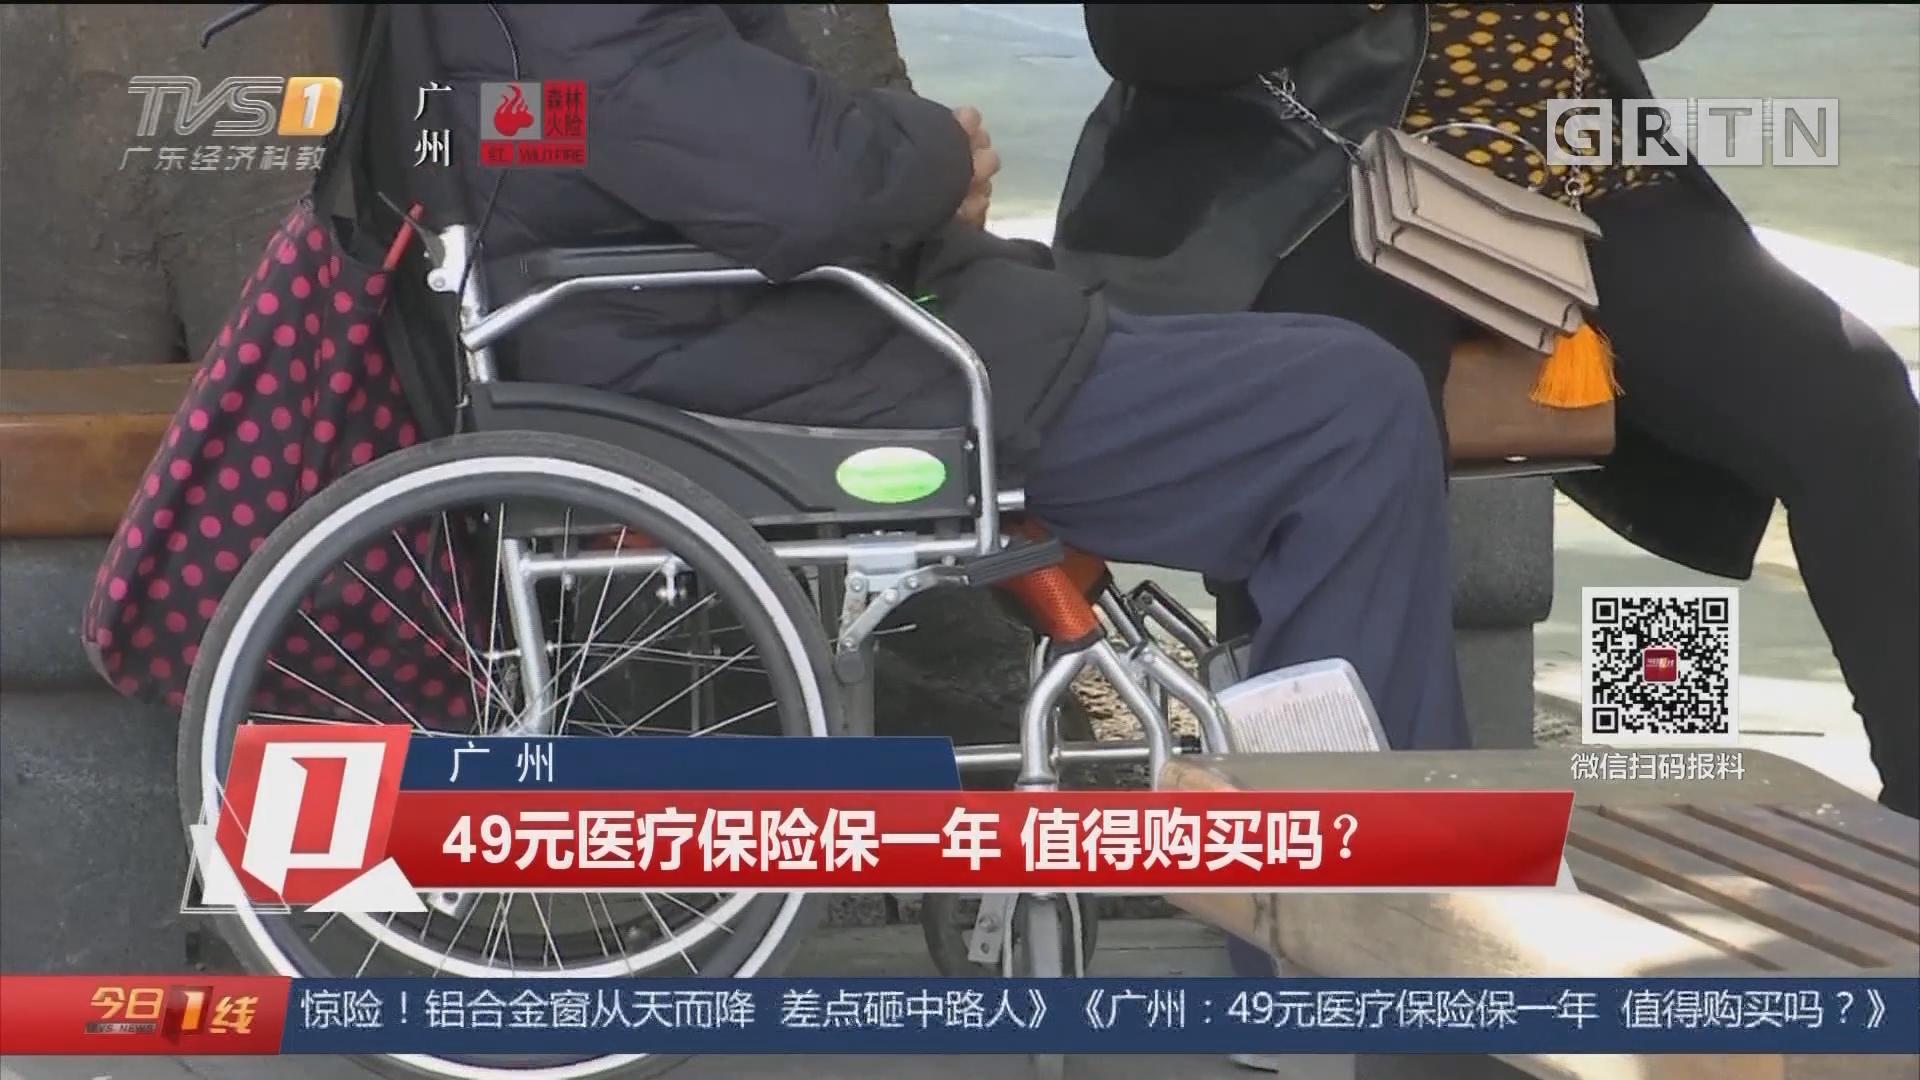 广州 49元医疗保险保一年 值得购买吗?